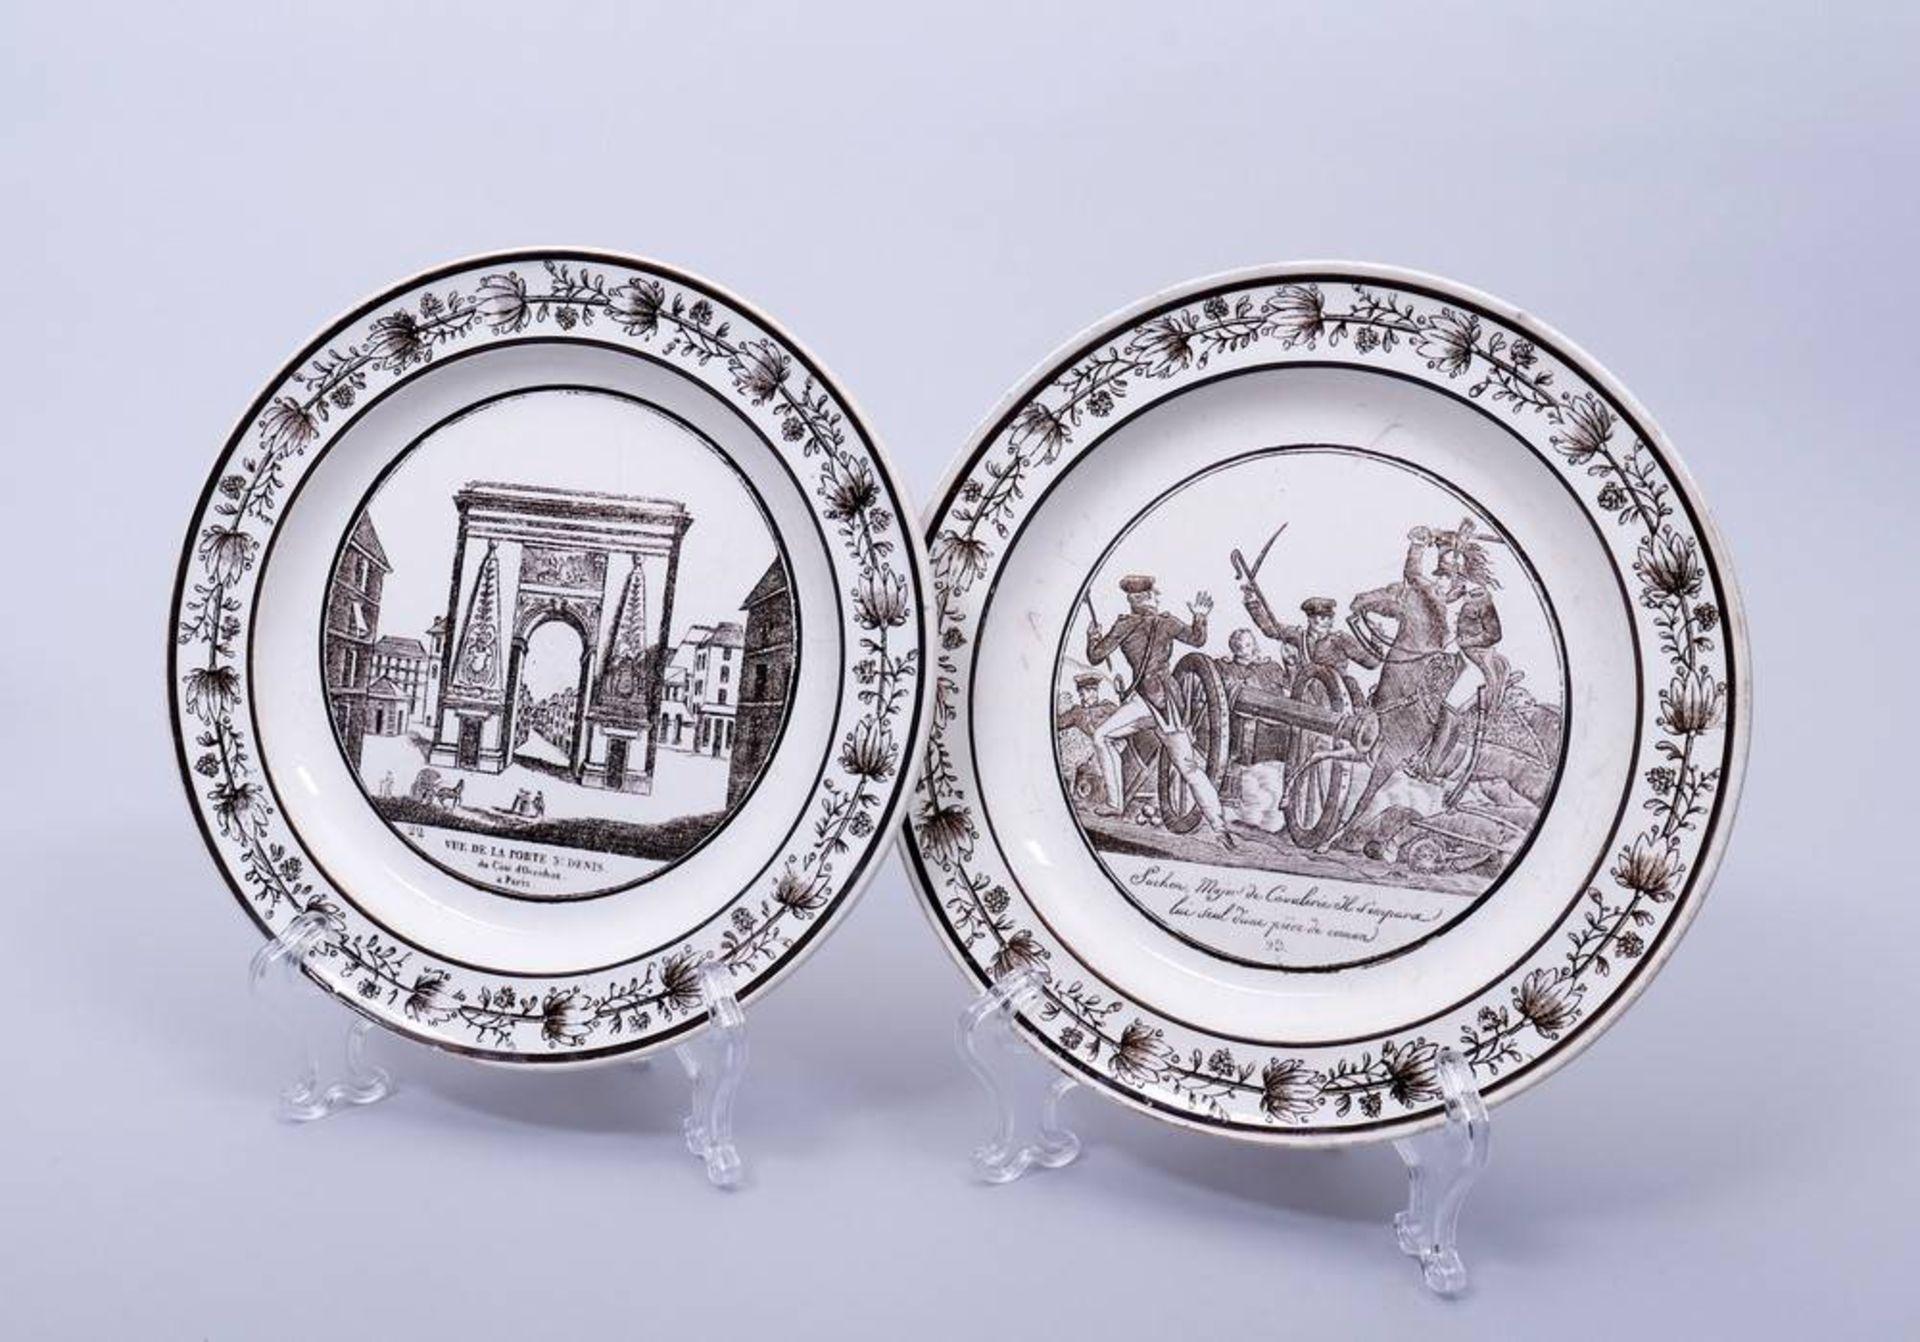 2 Teller, wohl Frankreich, 1. Hälfte 19.Jh. im Spiegel Schlachtenszene bzw. Ansicht des St. Denis